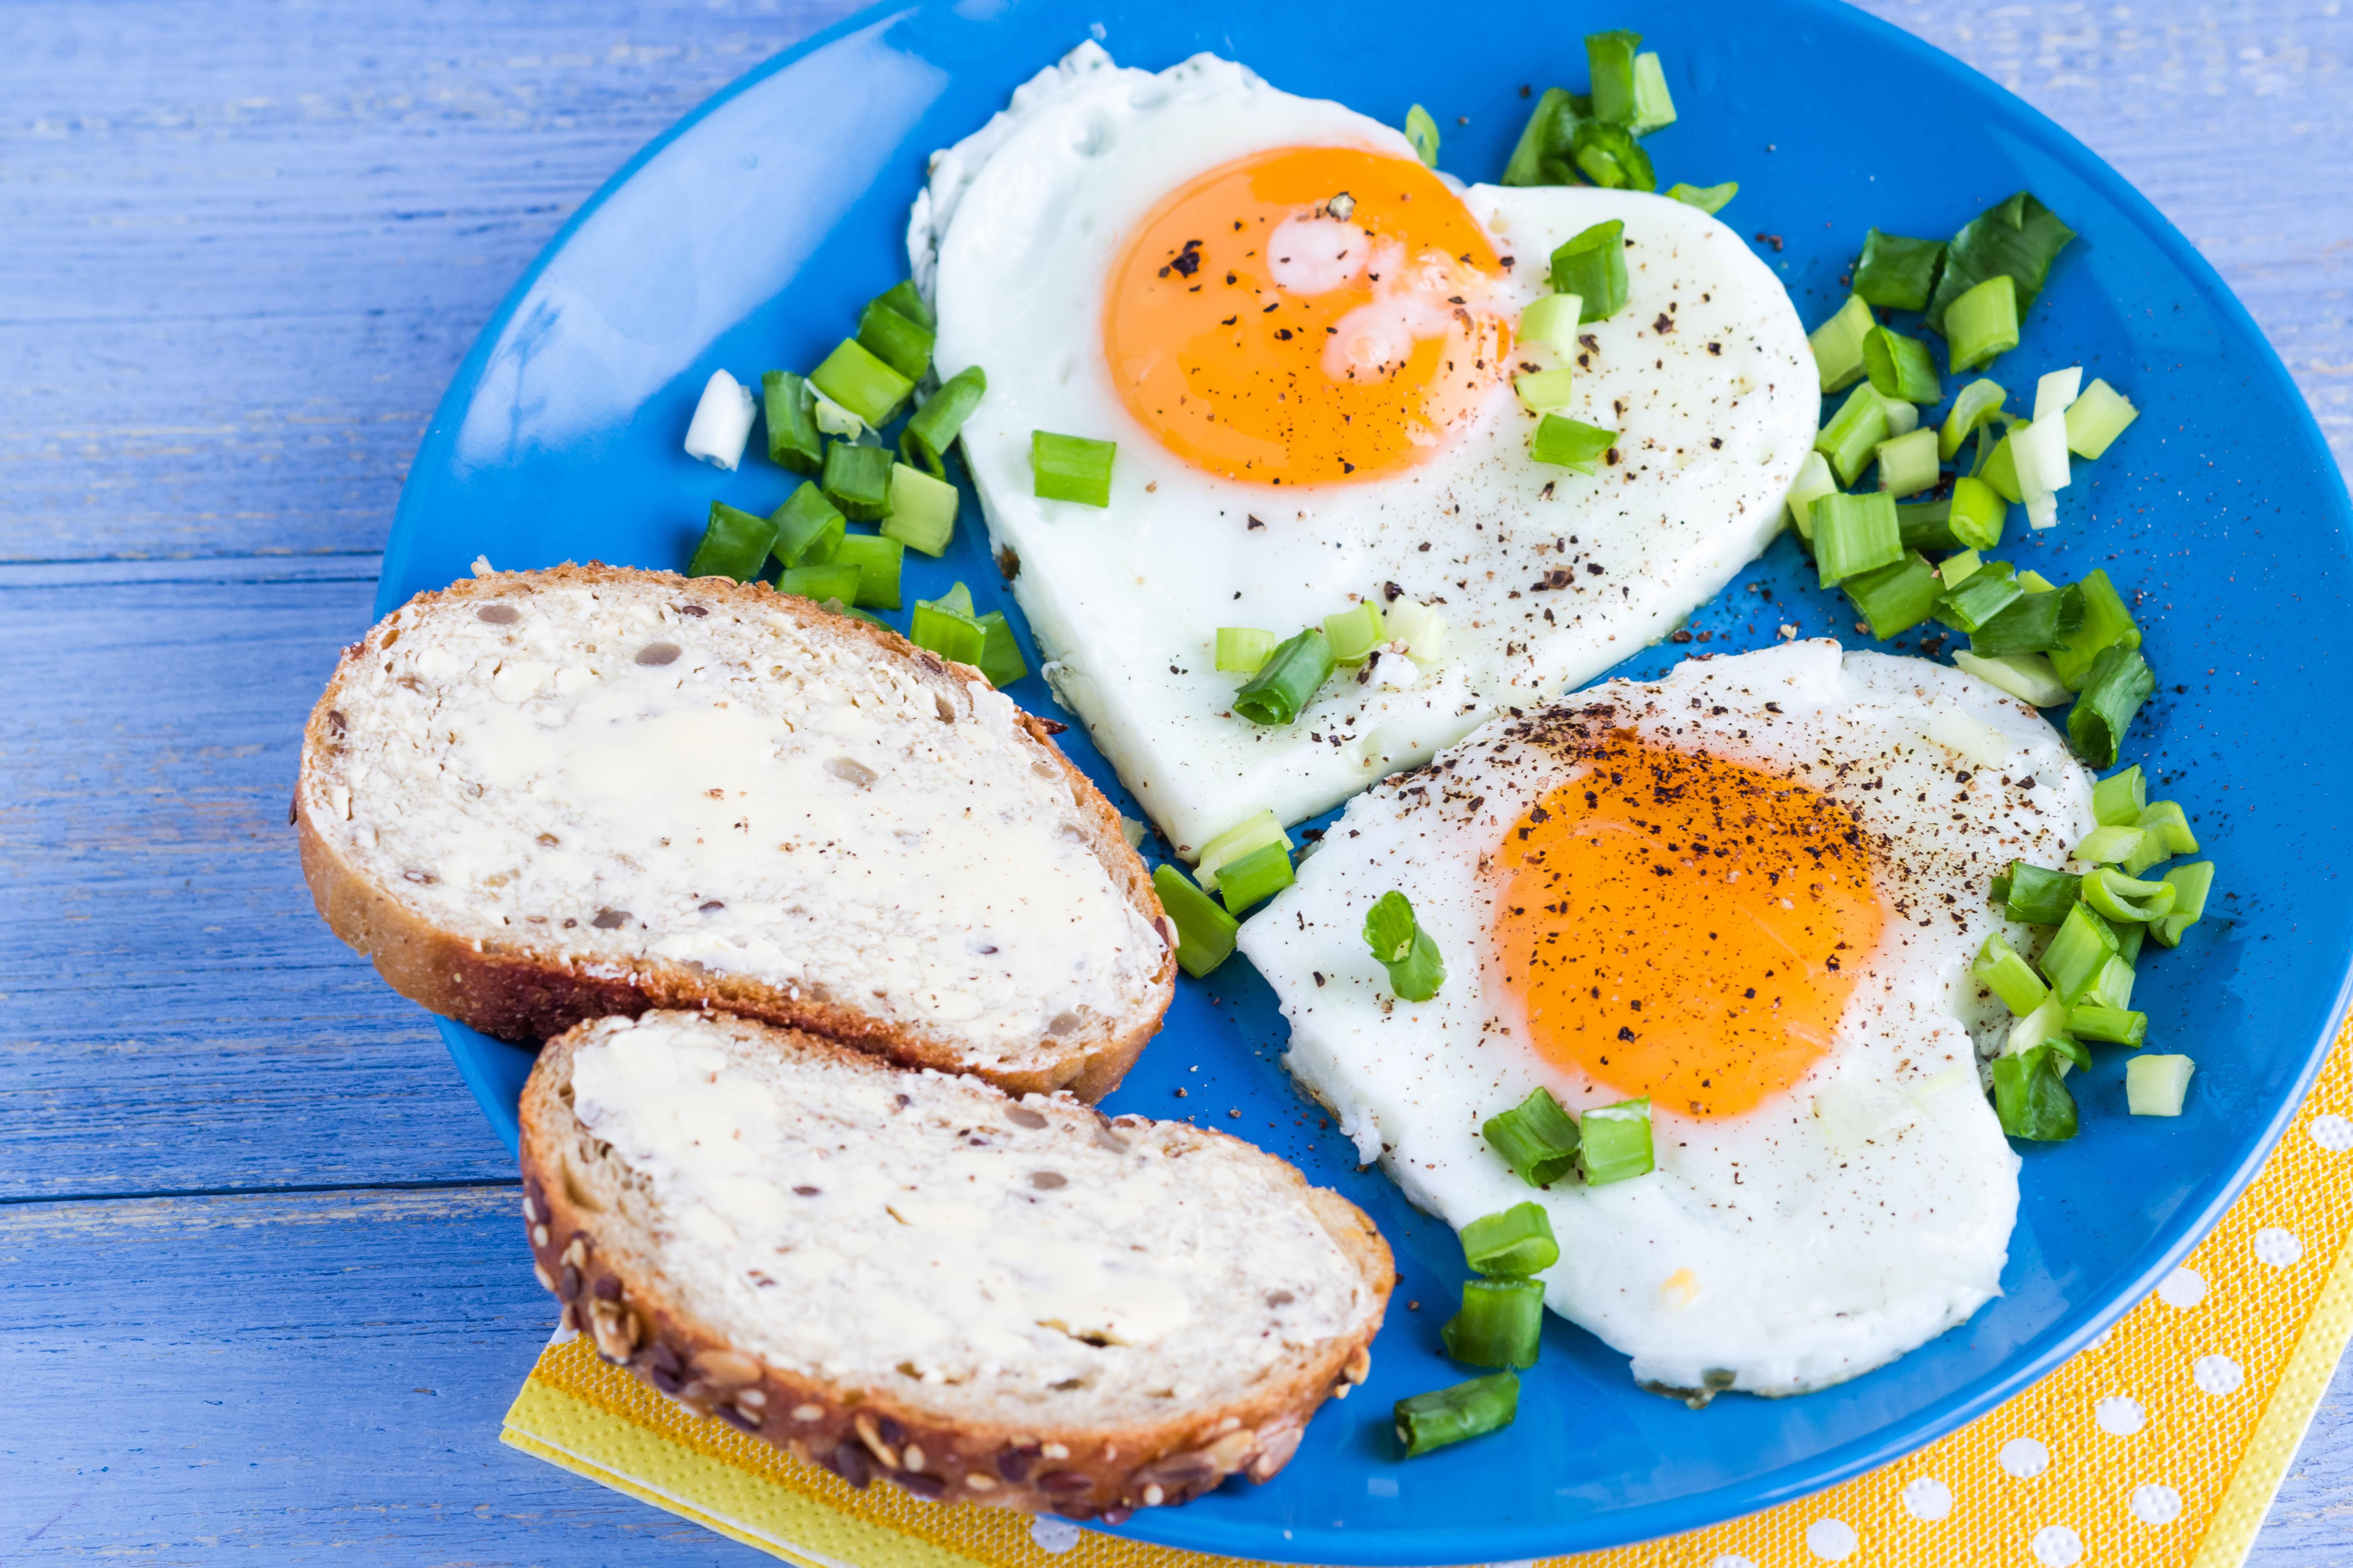 Картинки завтраков из яиц